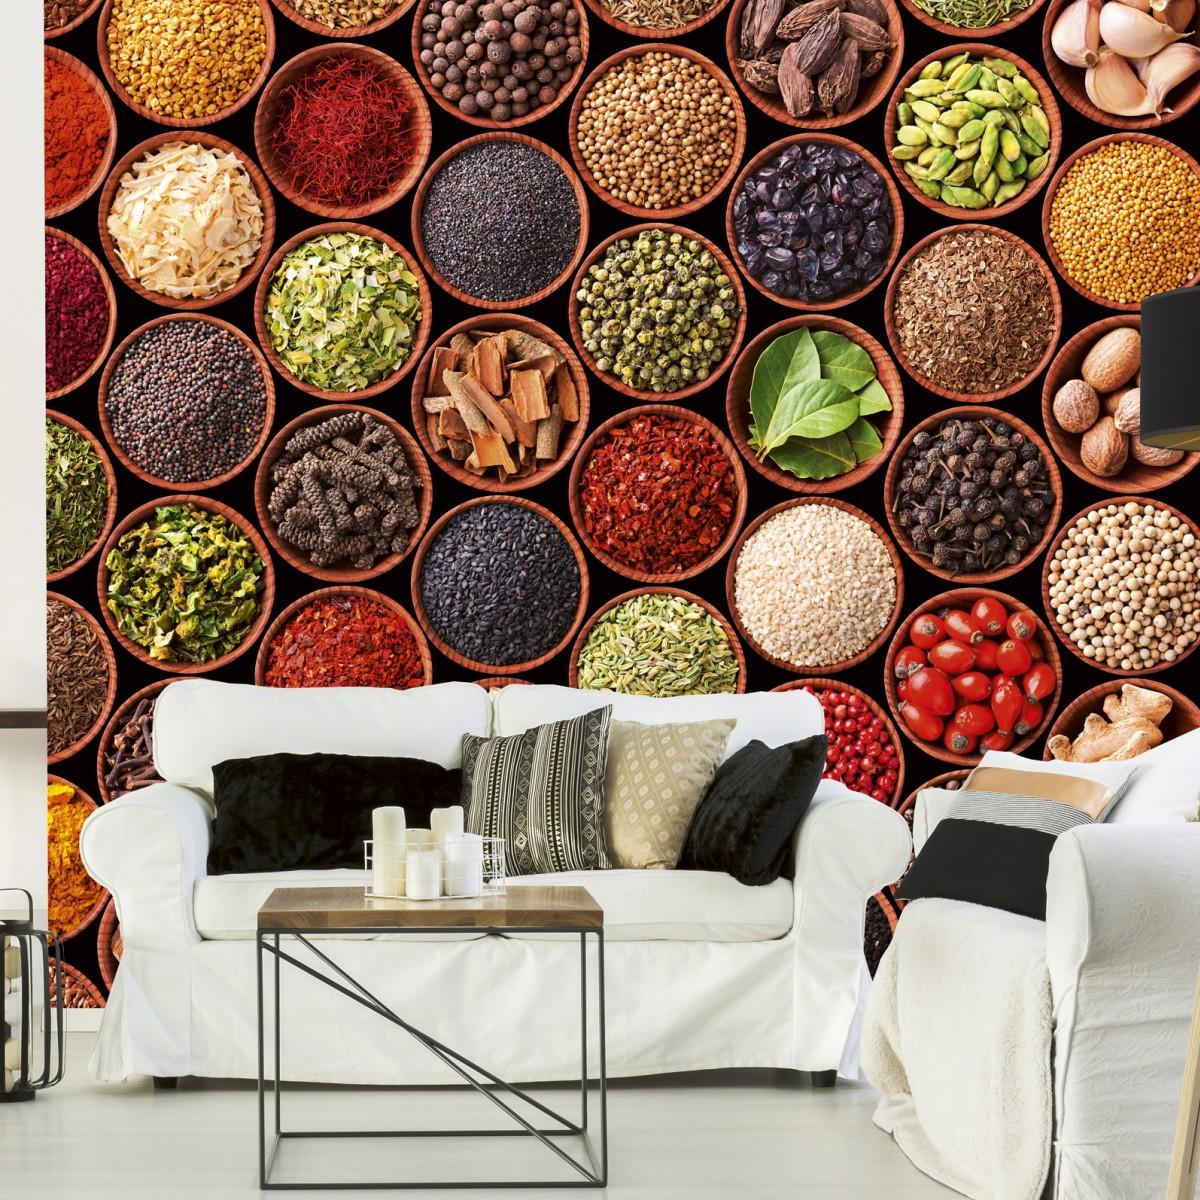 Foto tapet 3D Spice Bowls, Dimex, 5 fâșii, 375 x 250cm